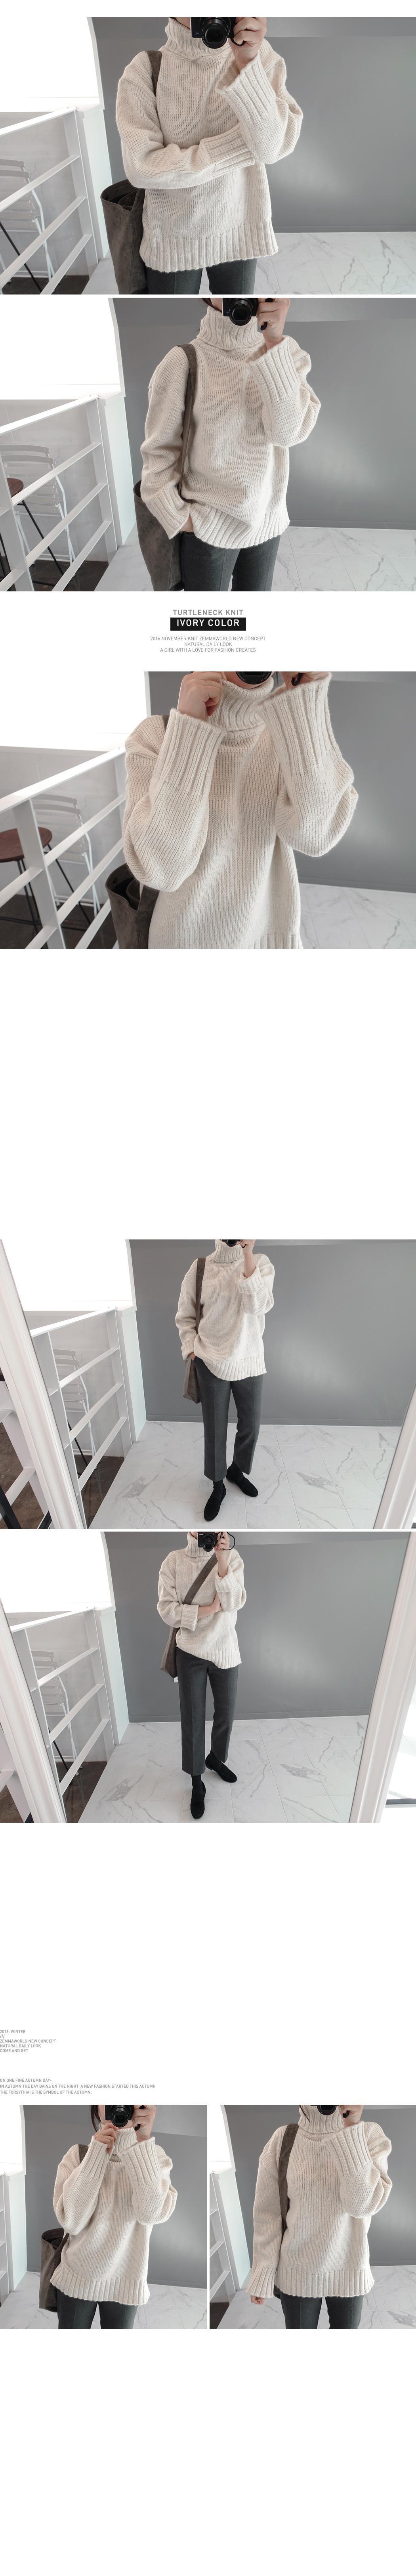 selfie-터틀넥니트